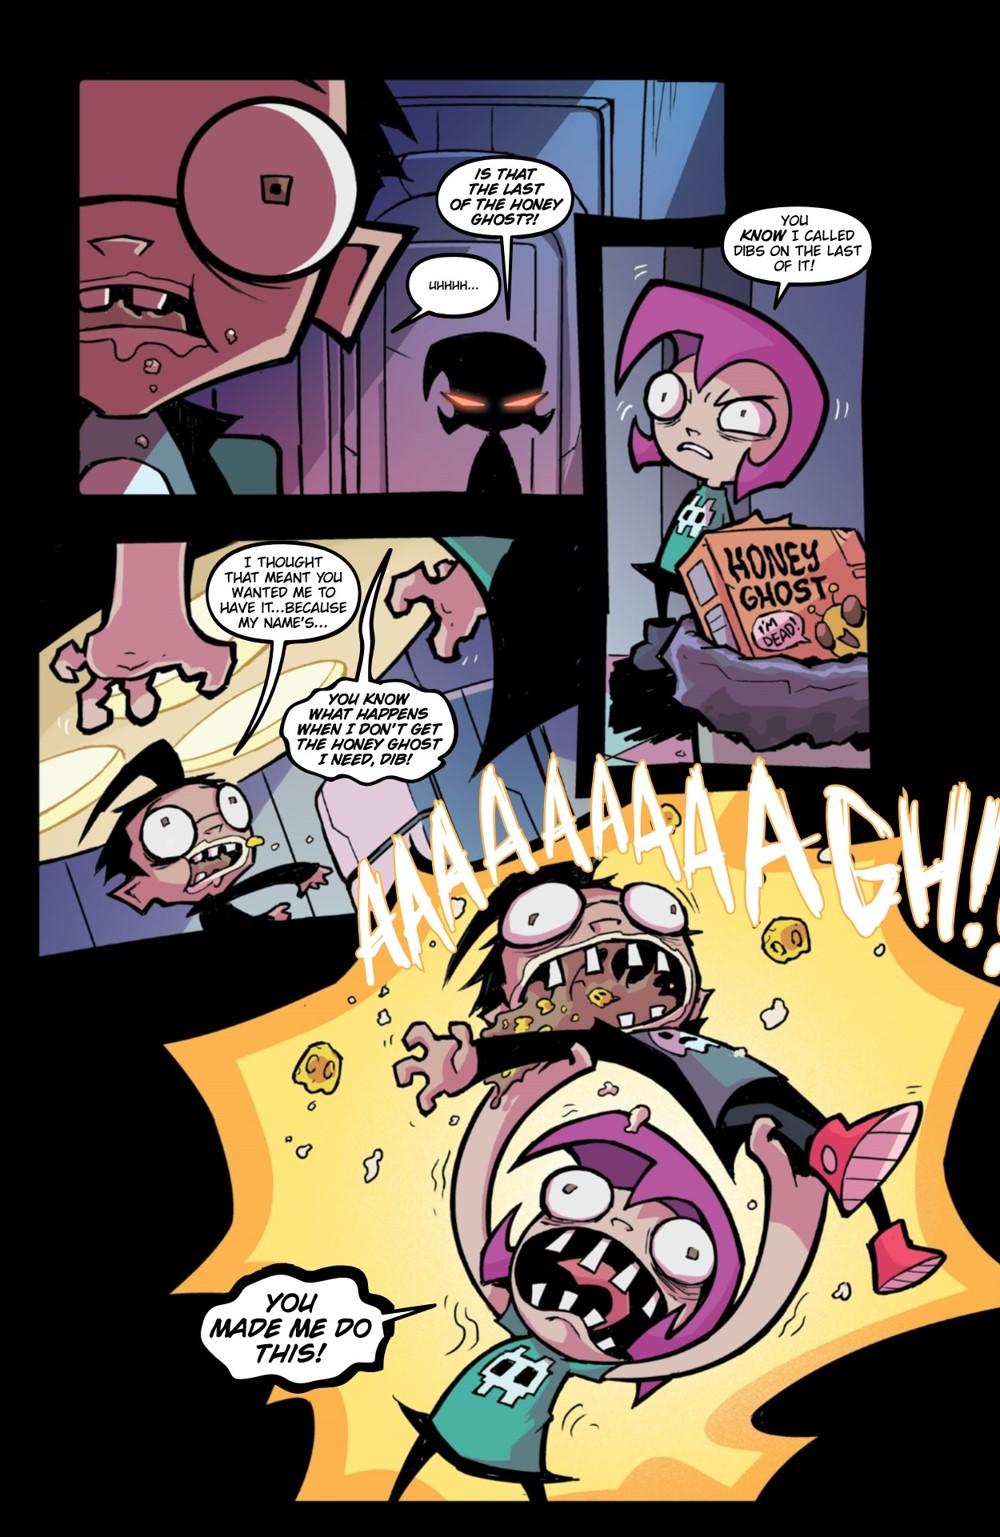 INVADERZIM-DOOKIE-LOOP-HORROR-MARKETING-08 ComicList Previews: INVADER ZIM THE DOOKIE LOOP HORROR #1